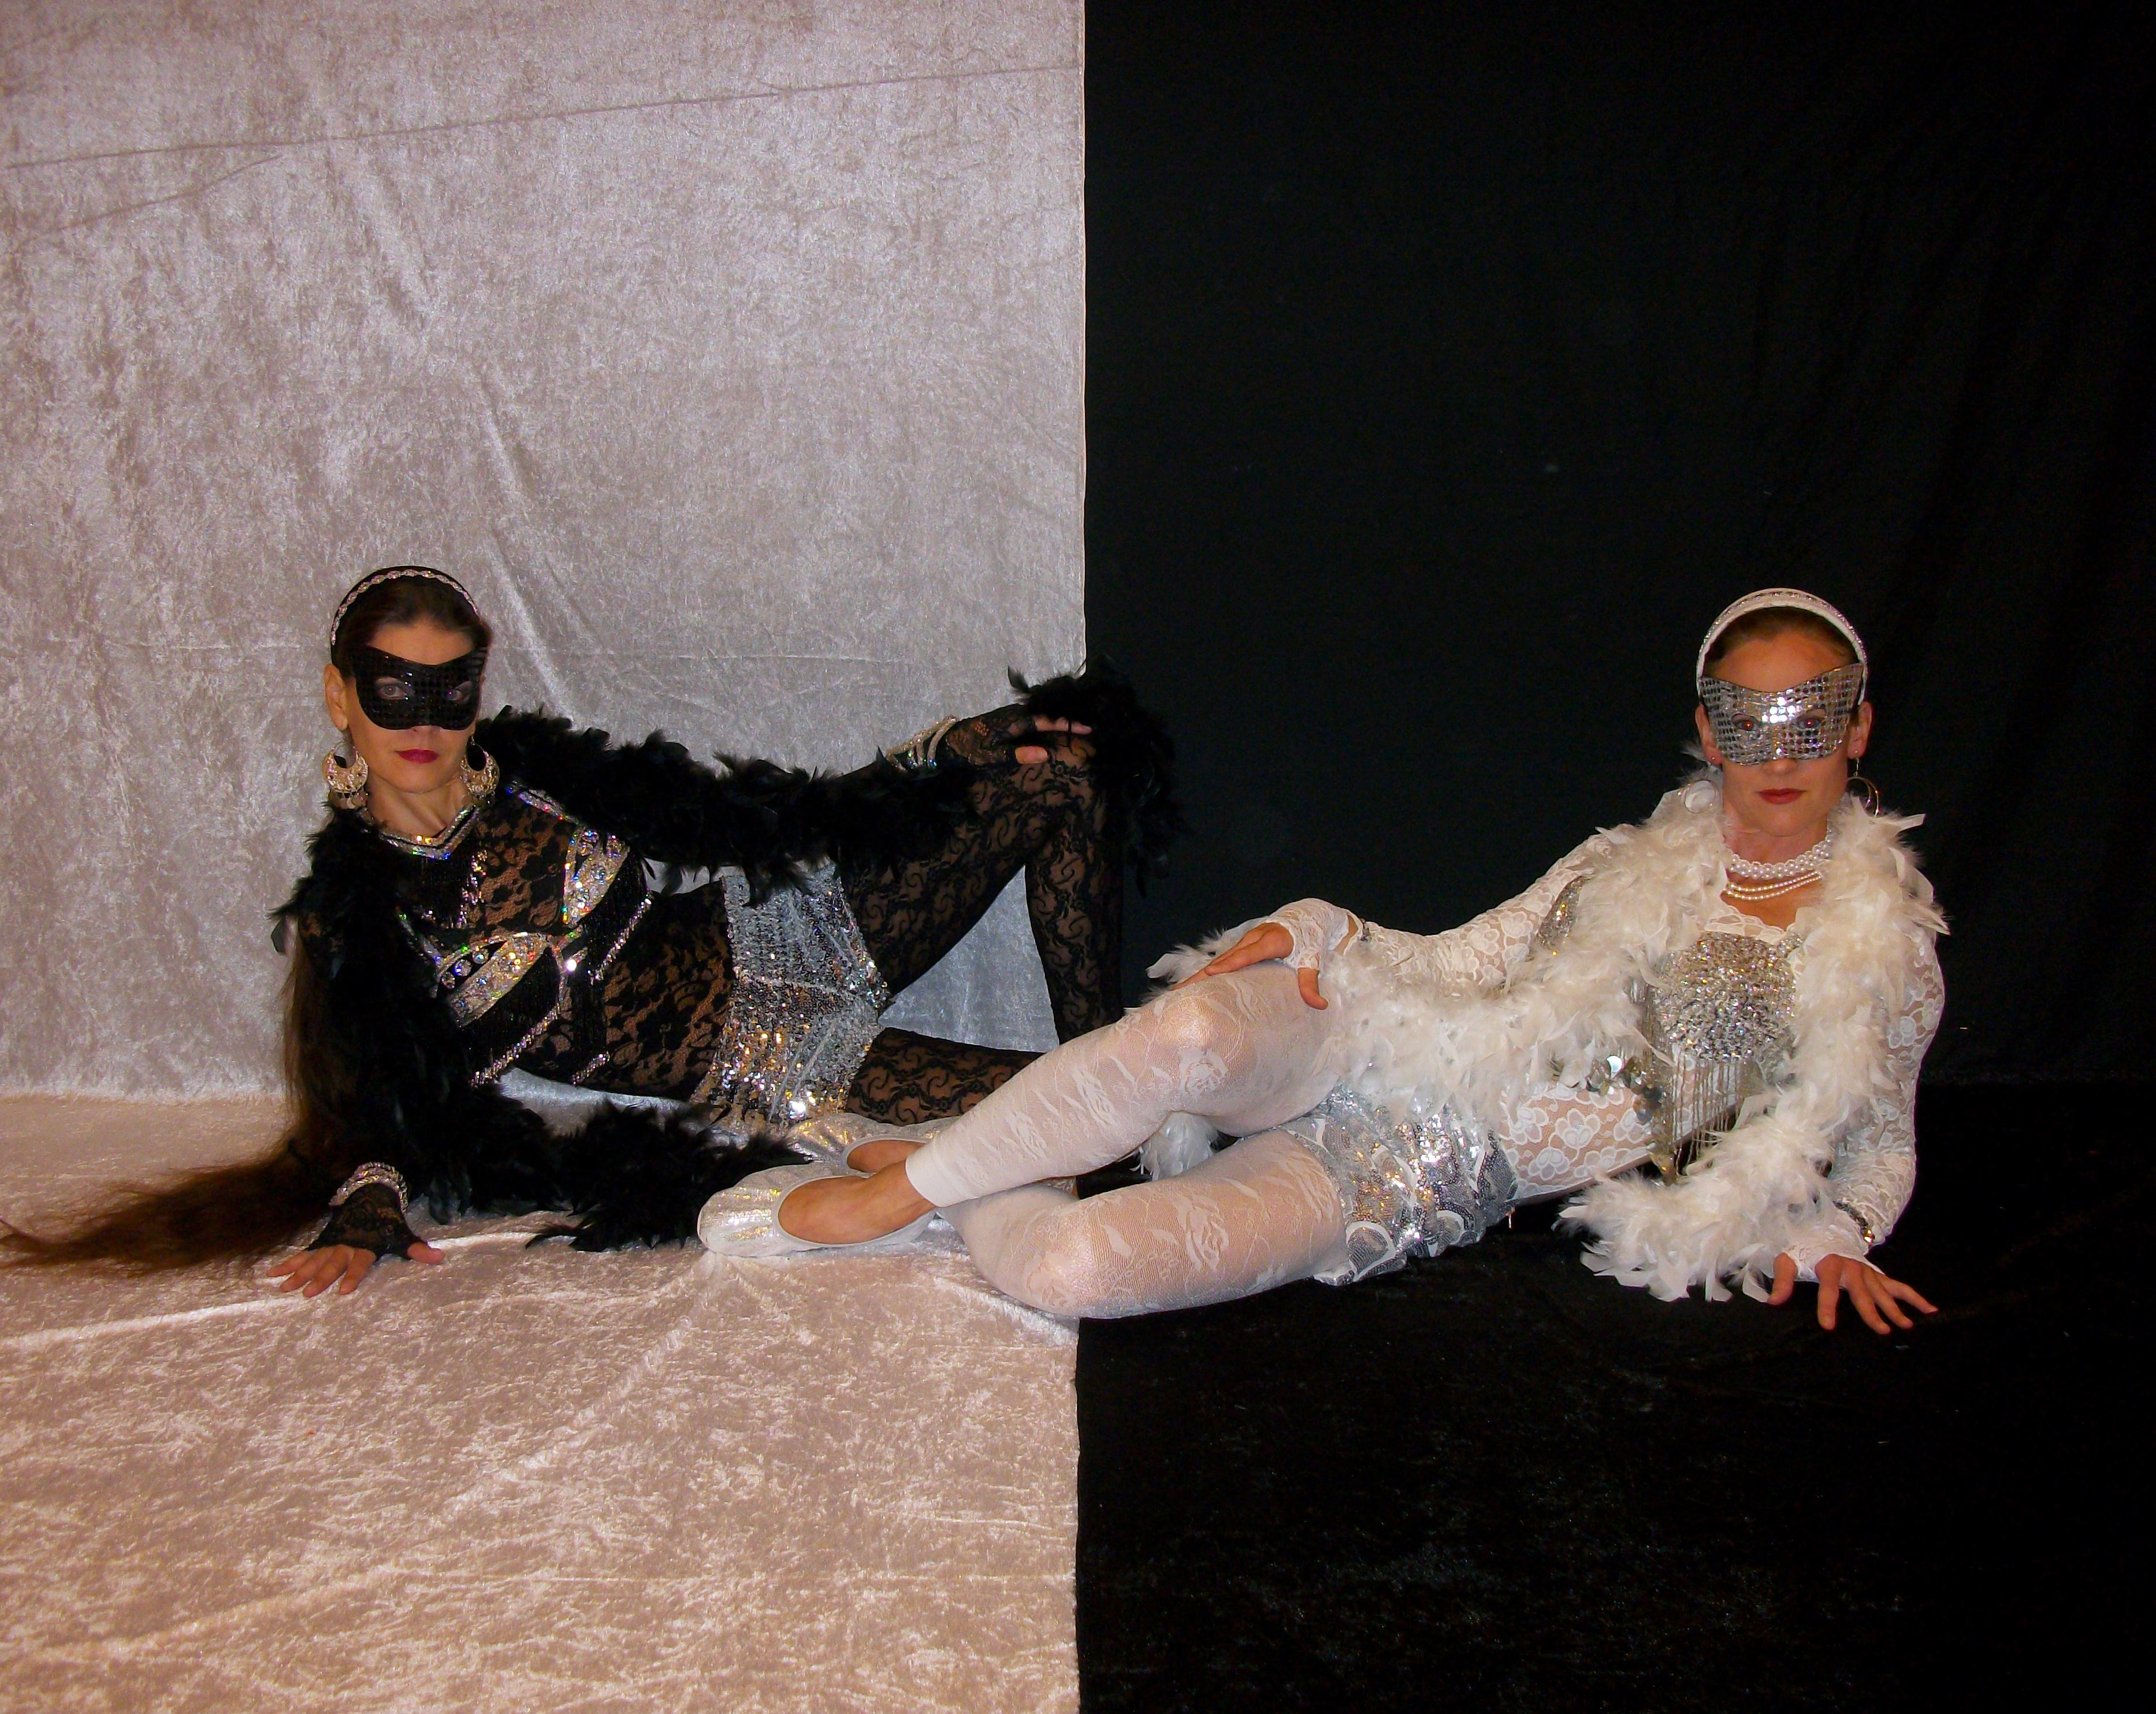 Classy Burlesque dansshow